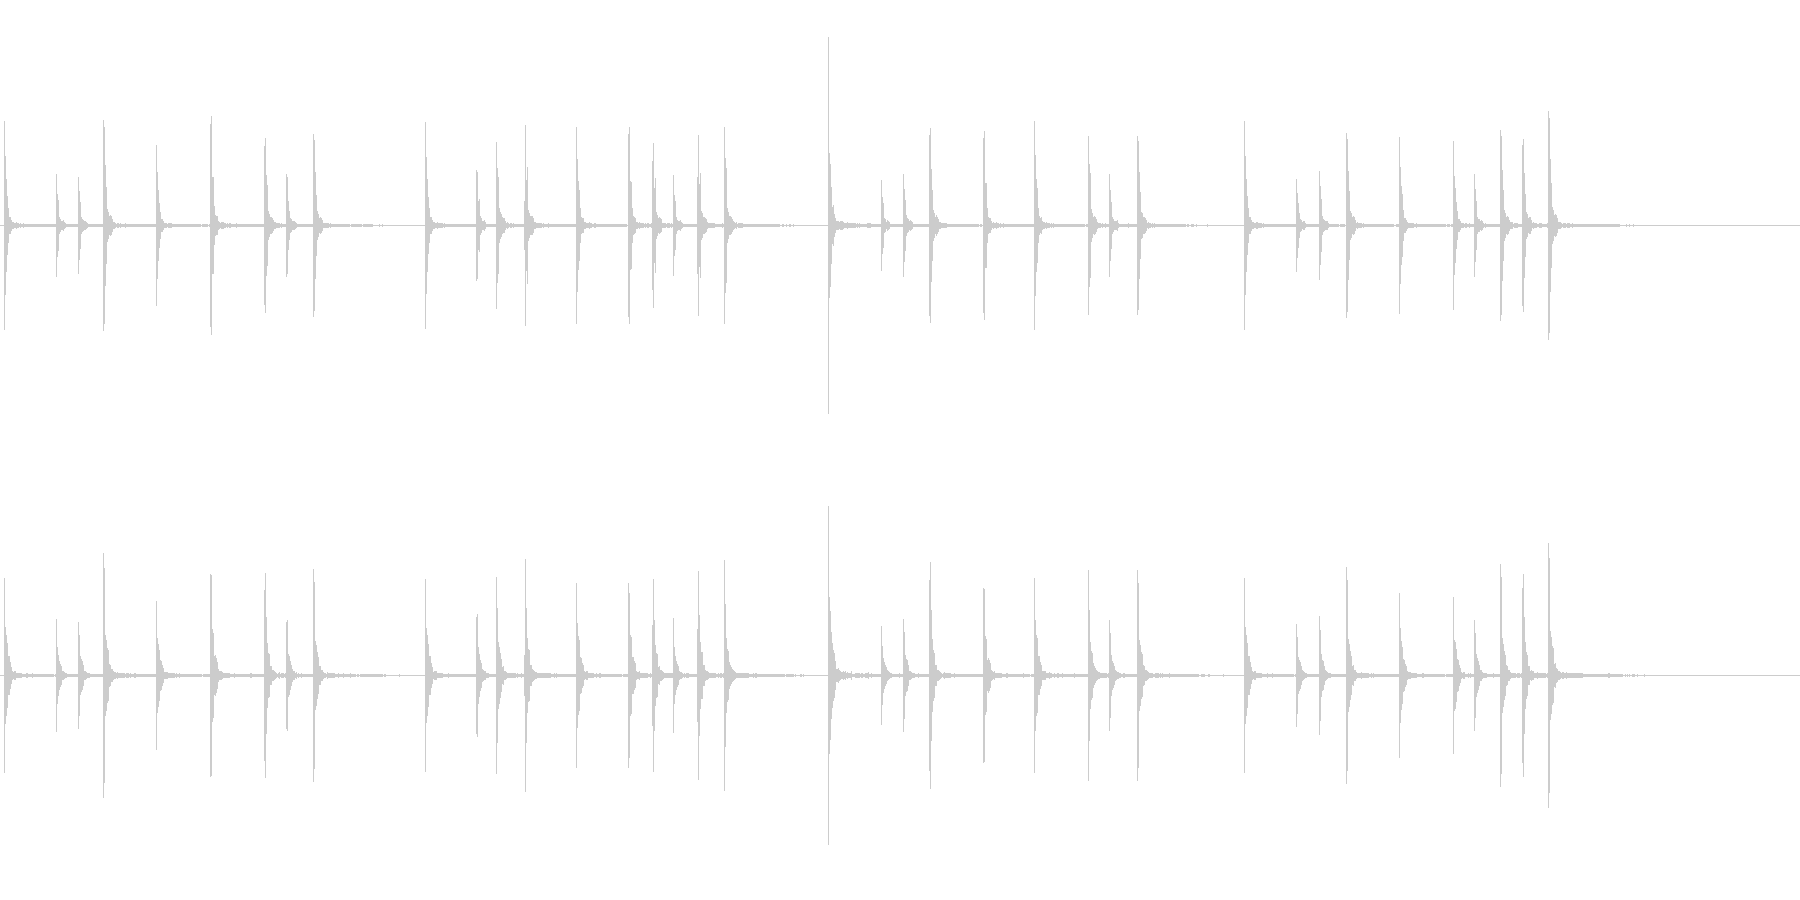 軽快な木鉦(もくしょう)フレーズ音+FXの未再生の波形